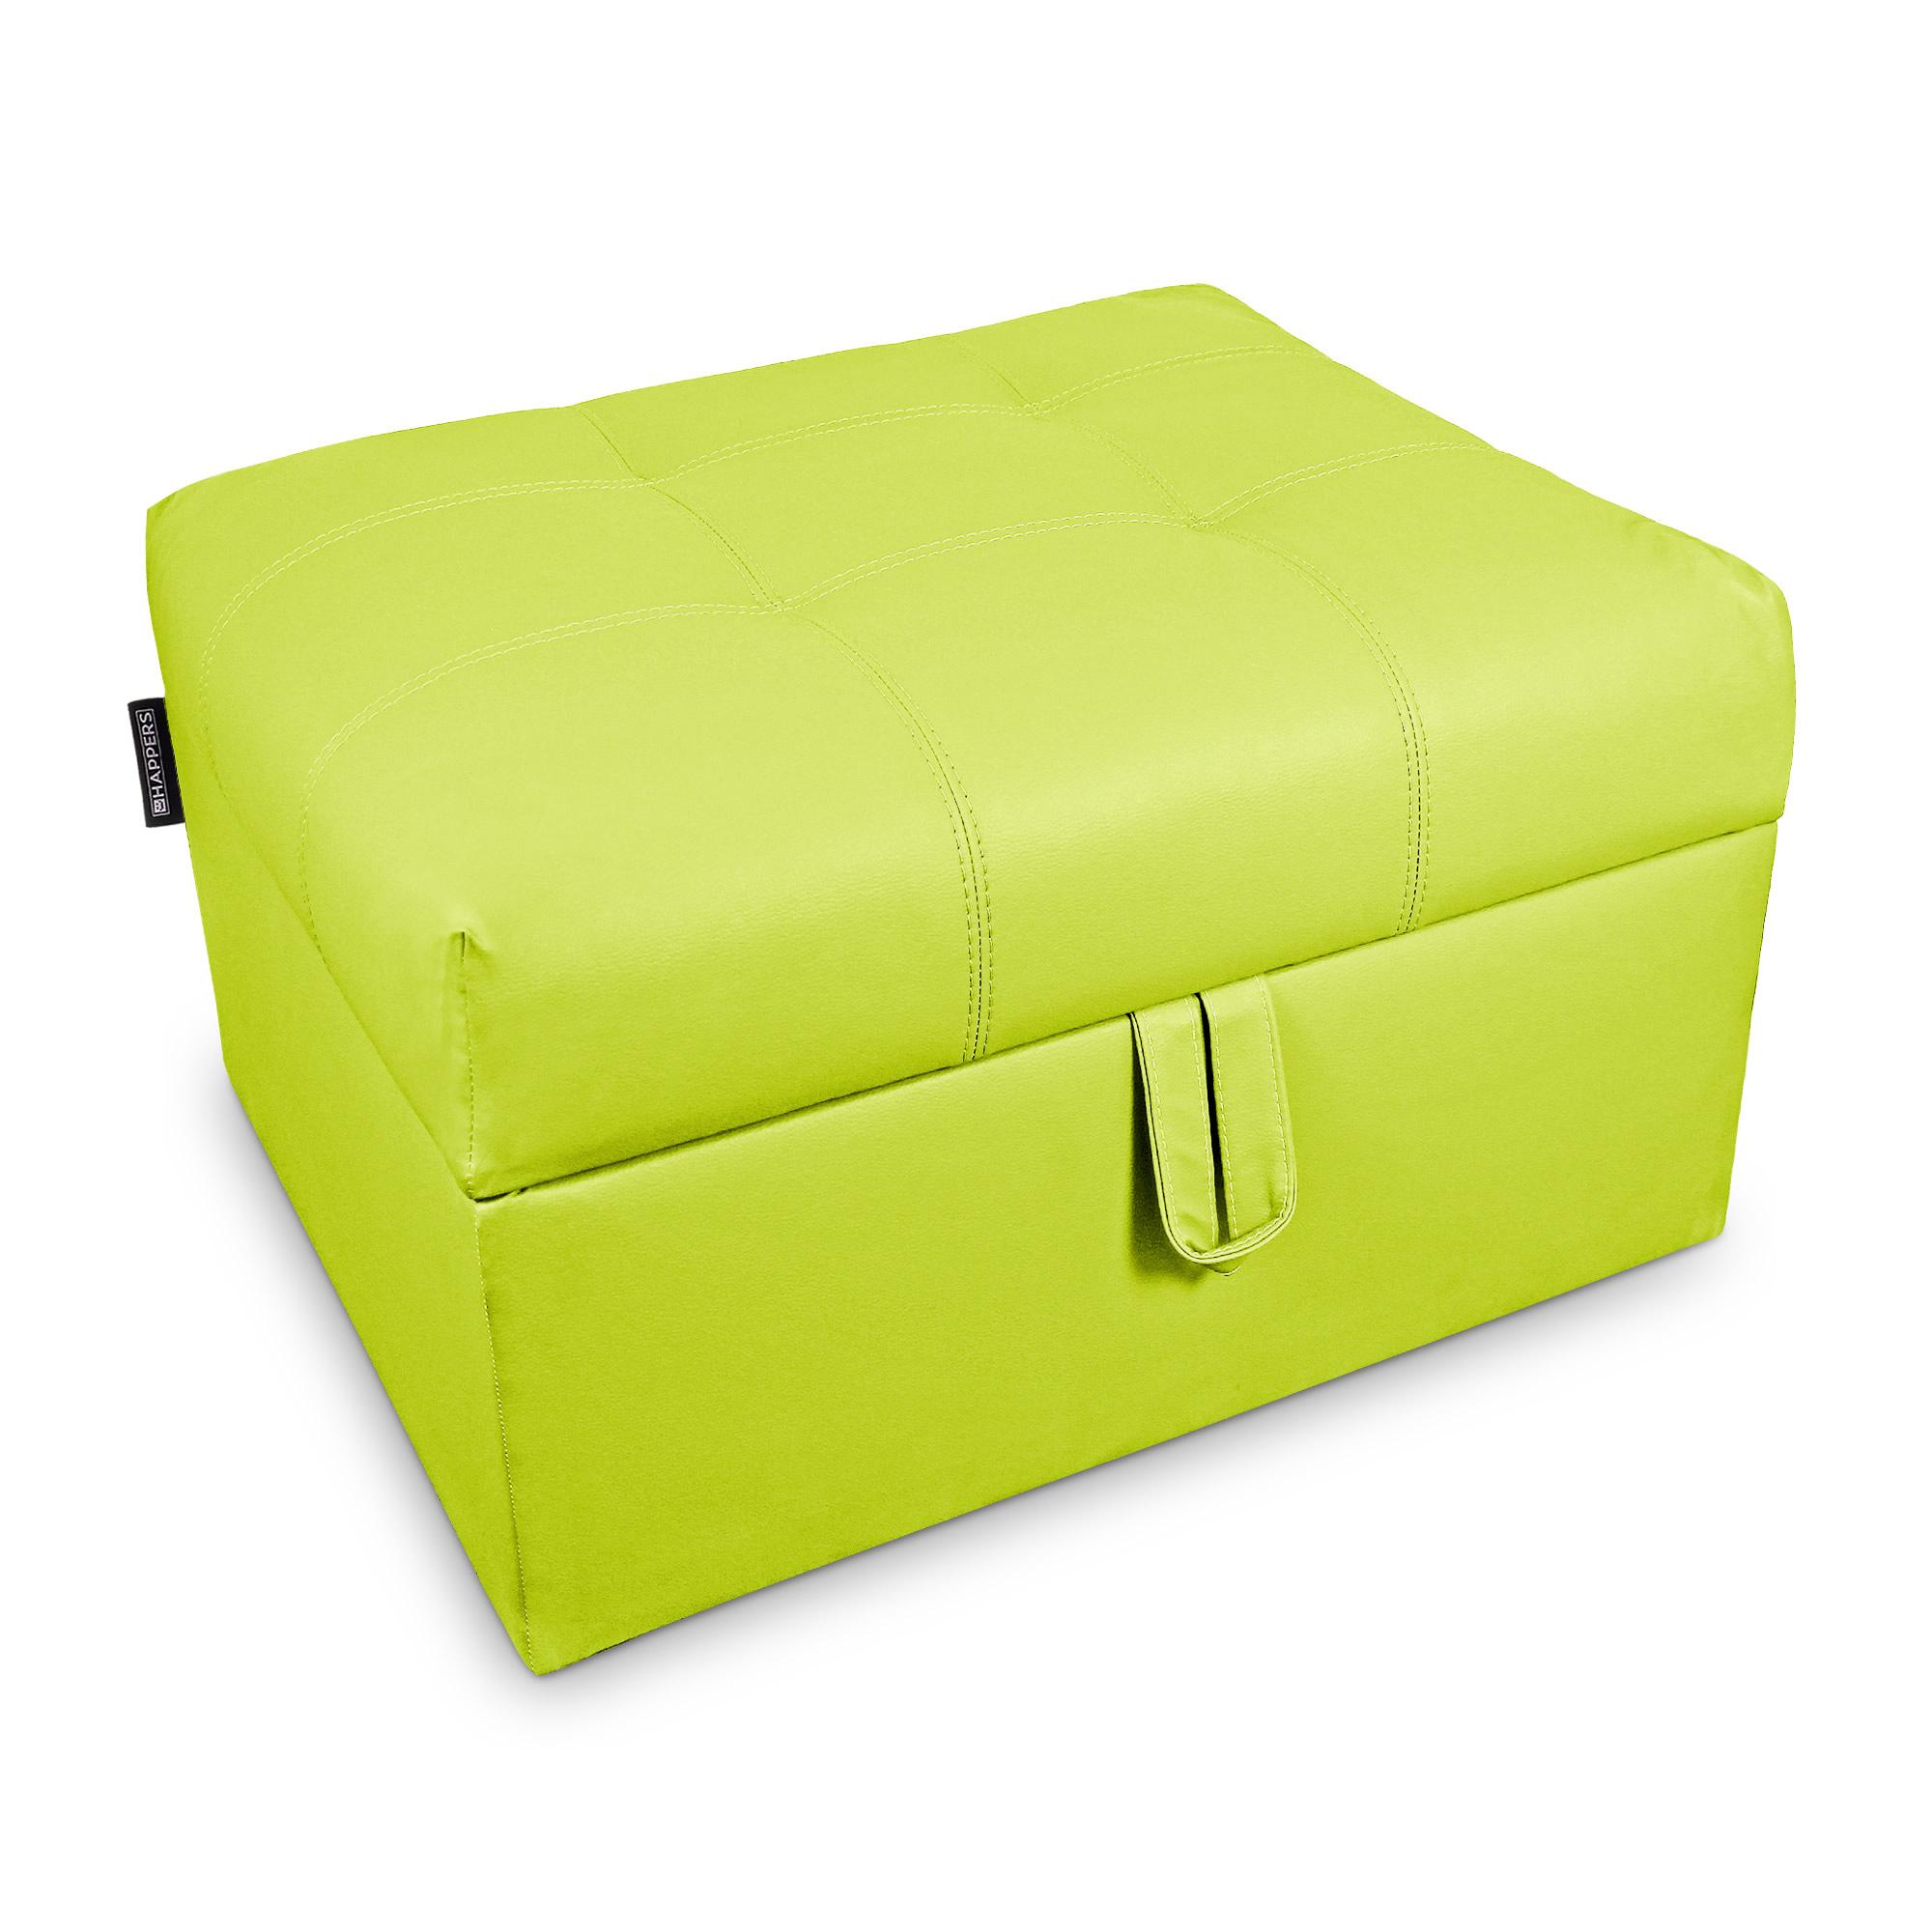 Cama plegable. Puff Arcón con somier plegable Polipiel Indoor Verde  | Happers.es